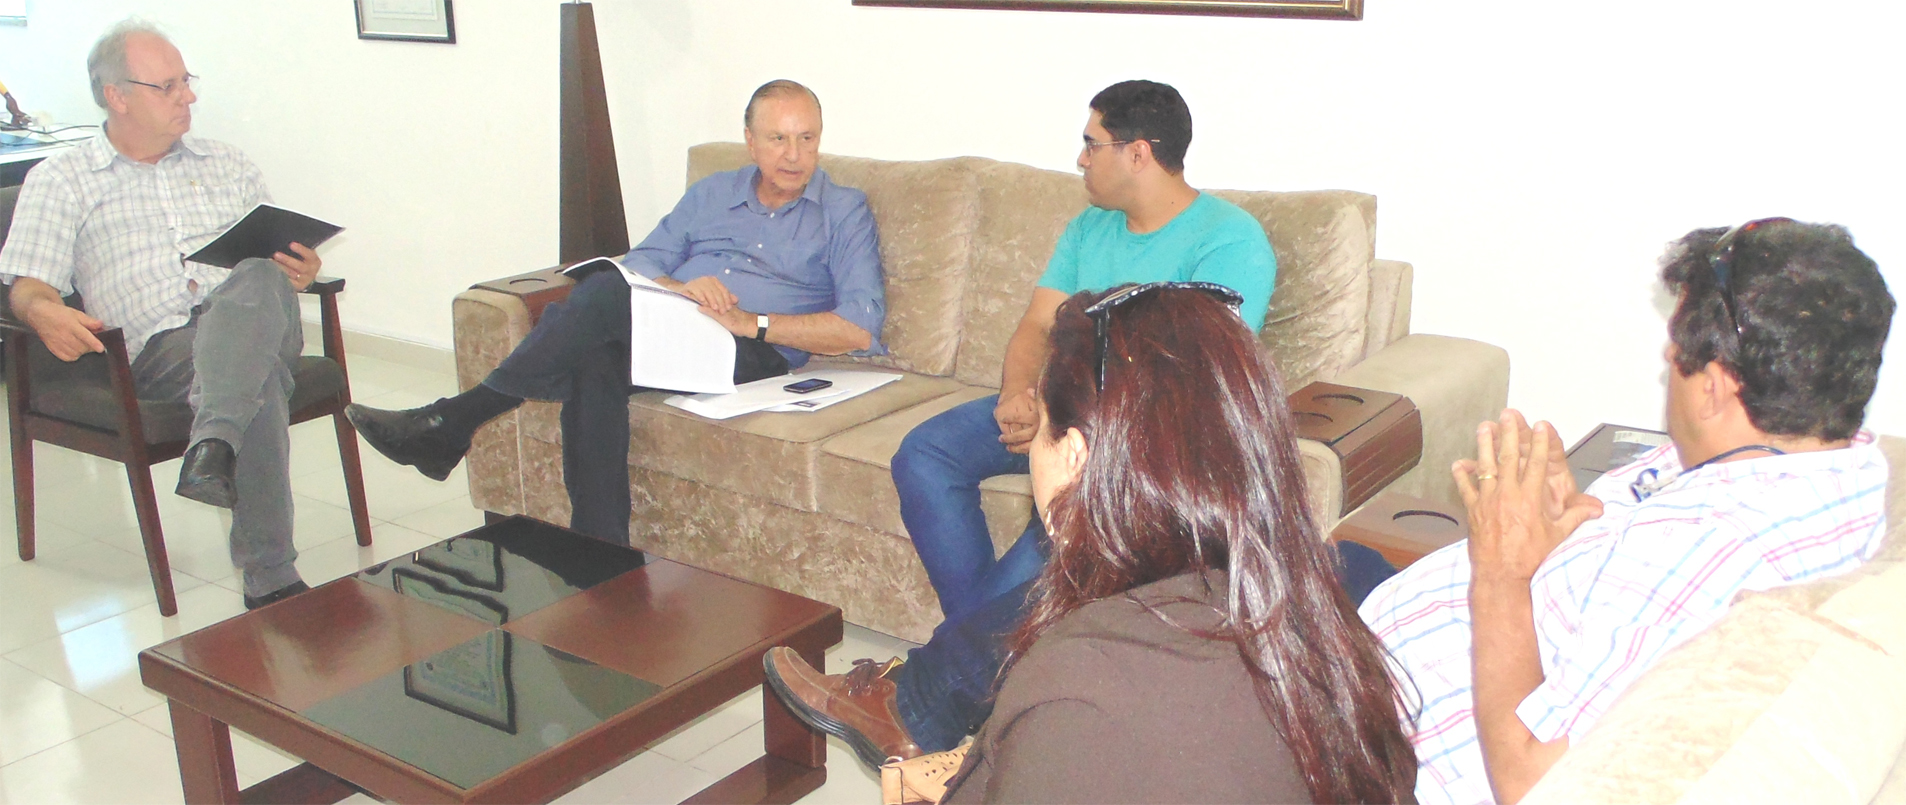 Em Lorena, Eymael deu uma entrevista exclusiva para o Jornal Atos, de propriedade do Pastor Eder Bilotta, primeiro da esquerda para direita, acompanhado por lideranças e correligionários.